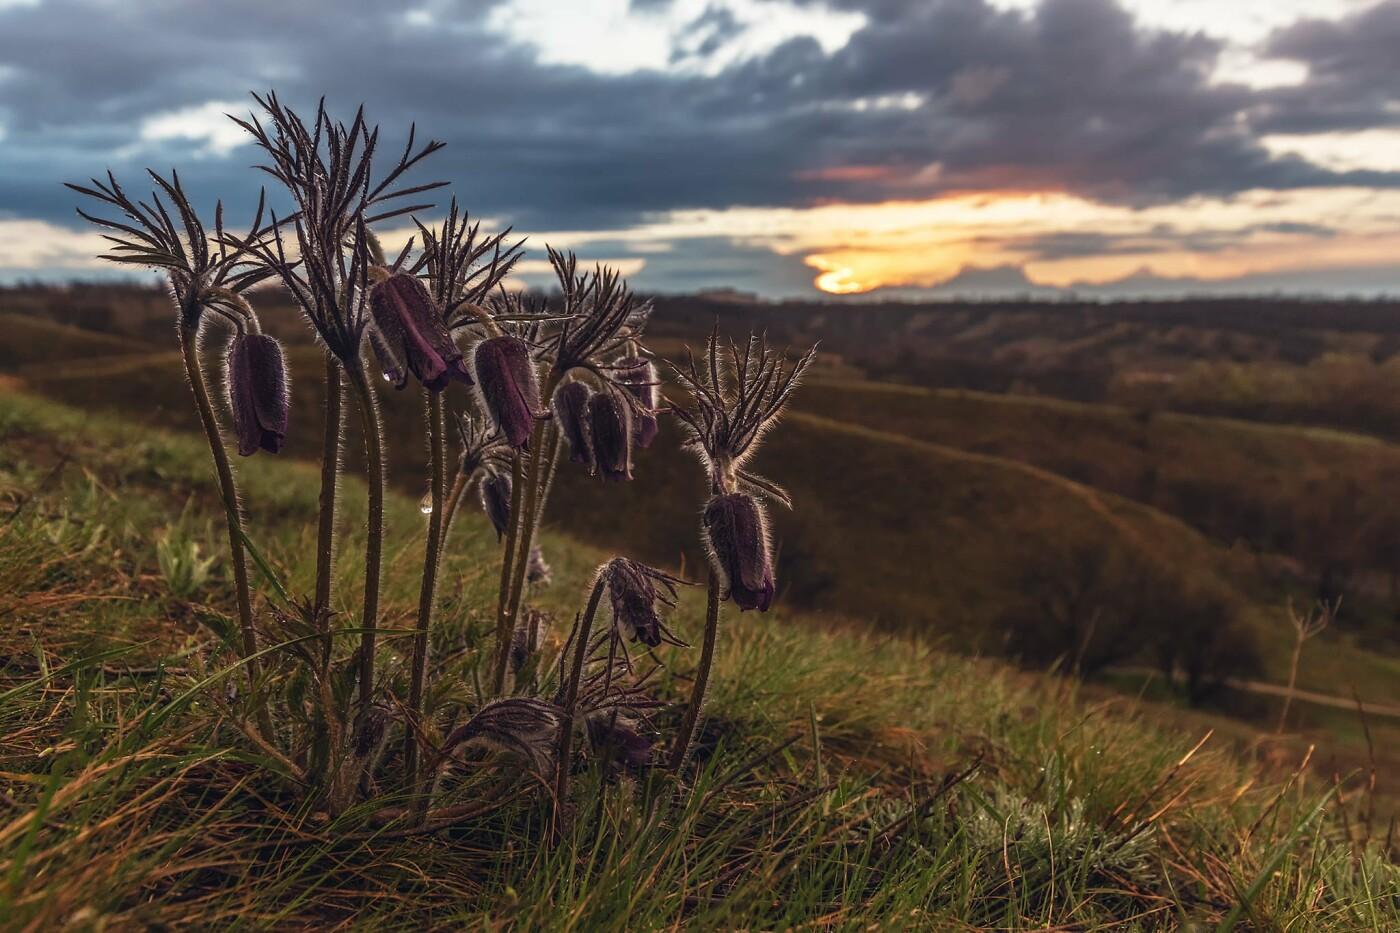 На закате и после грозы: запорожские фотографы делятся снимками цветущей Хортицы, - ФОТО, фото-28